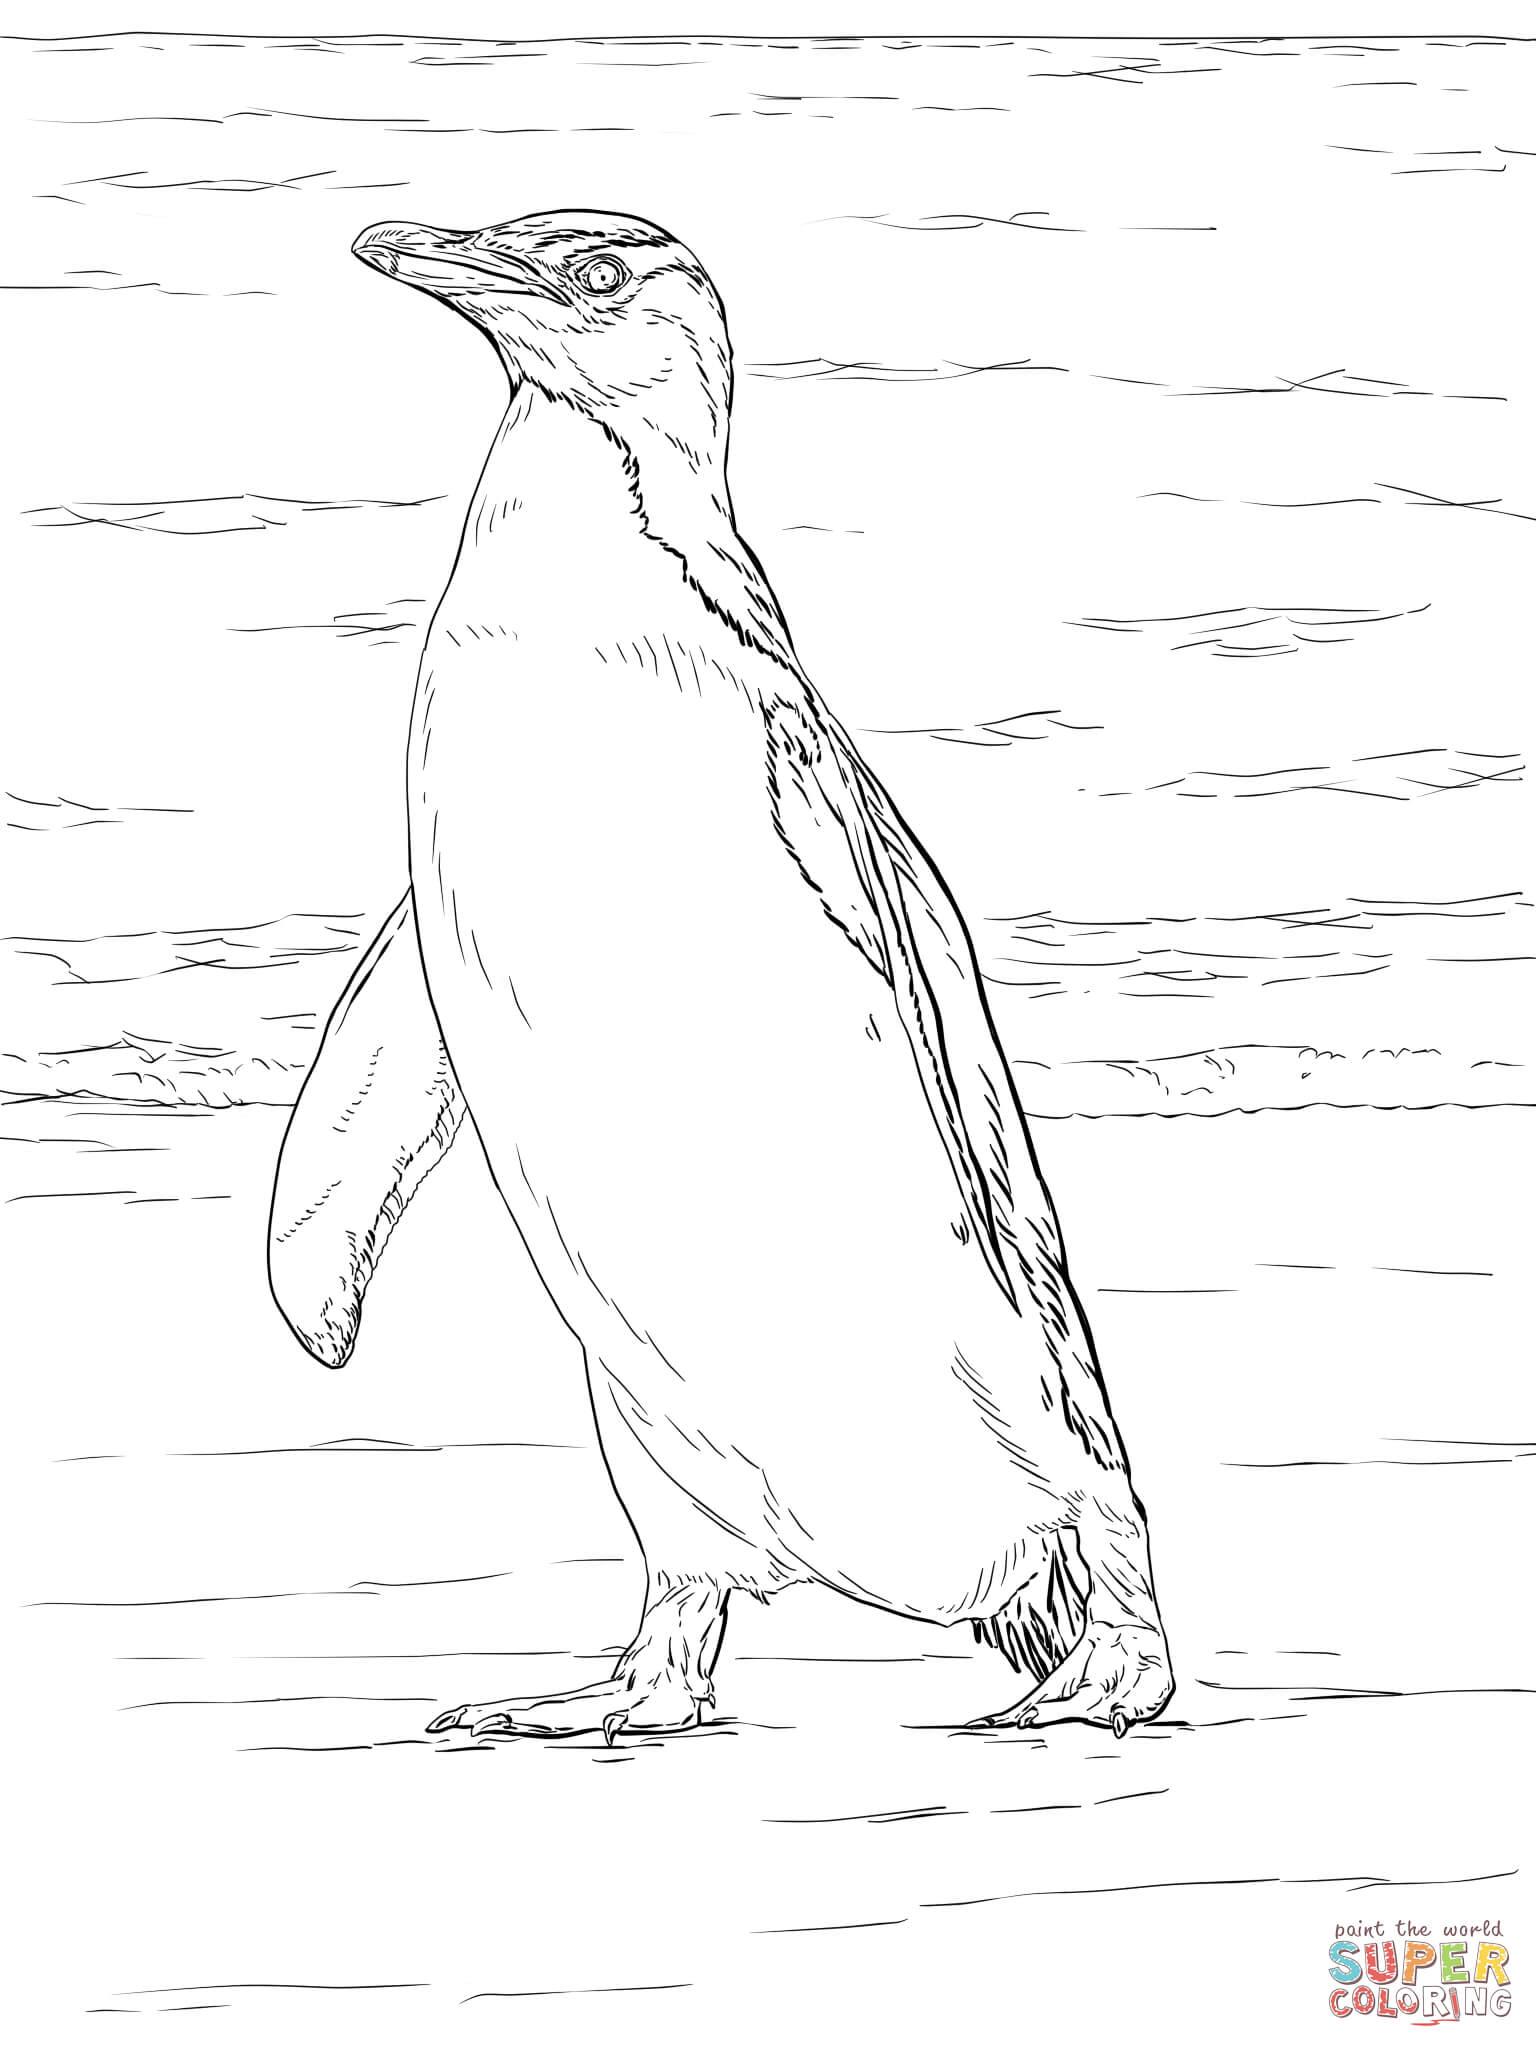 Coloriages à imprimer : Pinguoin, numéro : 2b7fcfb8